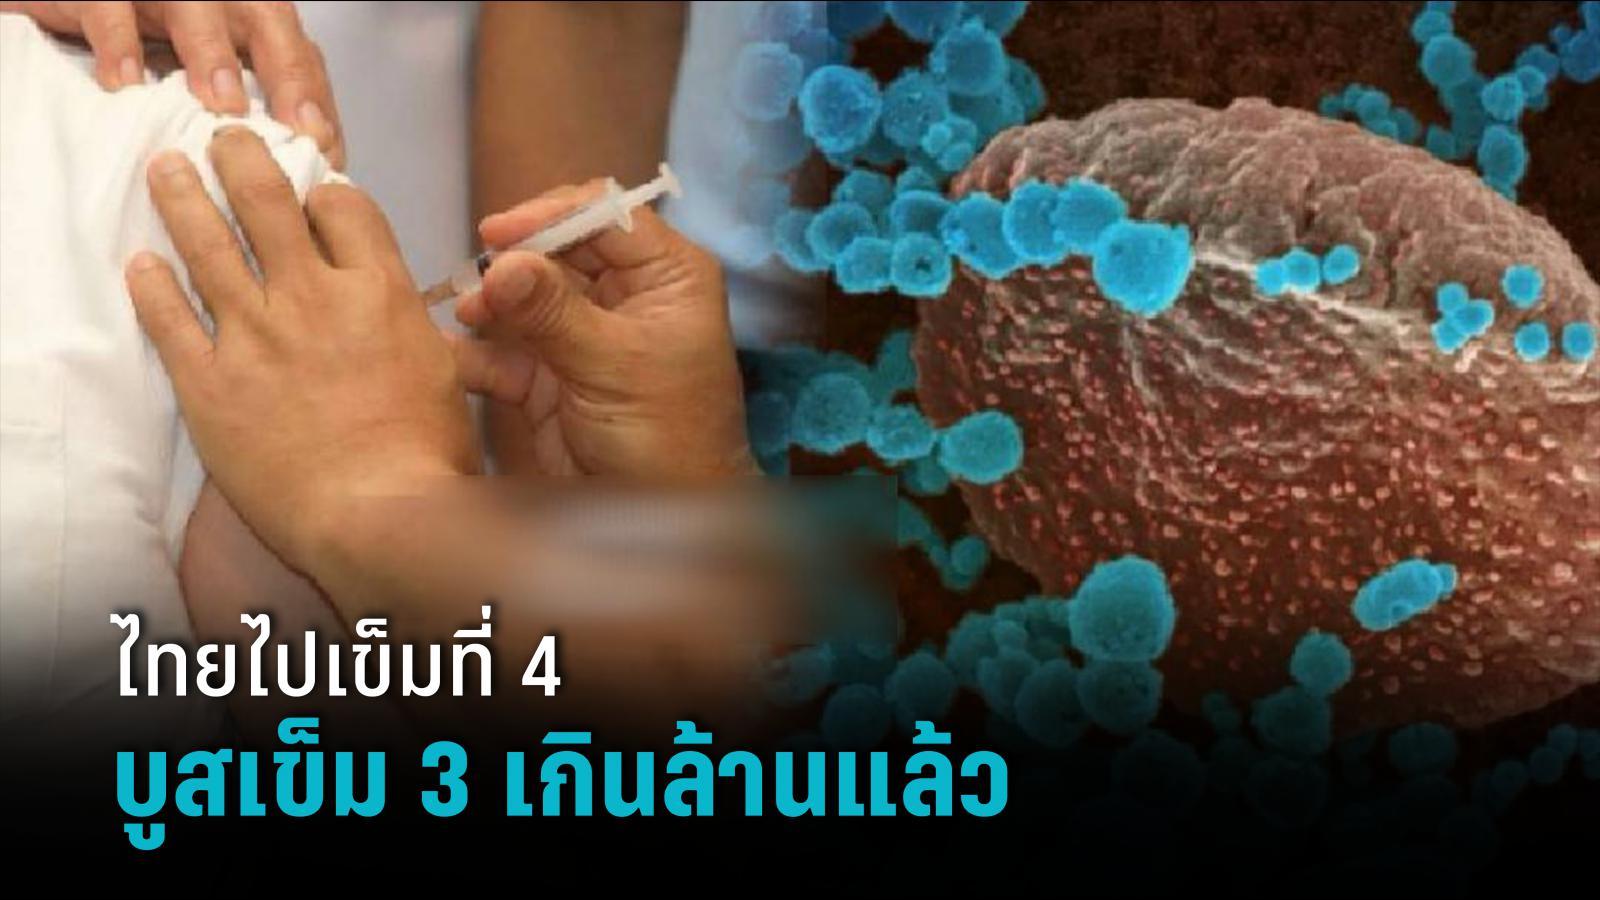 ไทยฉีดบูสเตอร์โดสวัคซีนเข็ม 3 ทะลุ 1 ล้านคน 800 คน ได้เข็ม 4 แล้ว โควิดไทยขยับอันดับโลกแซงบังกลาเทศ